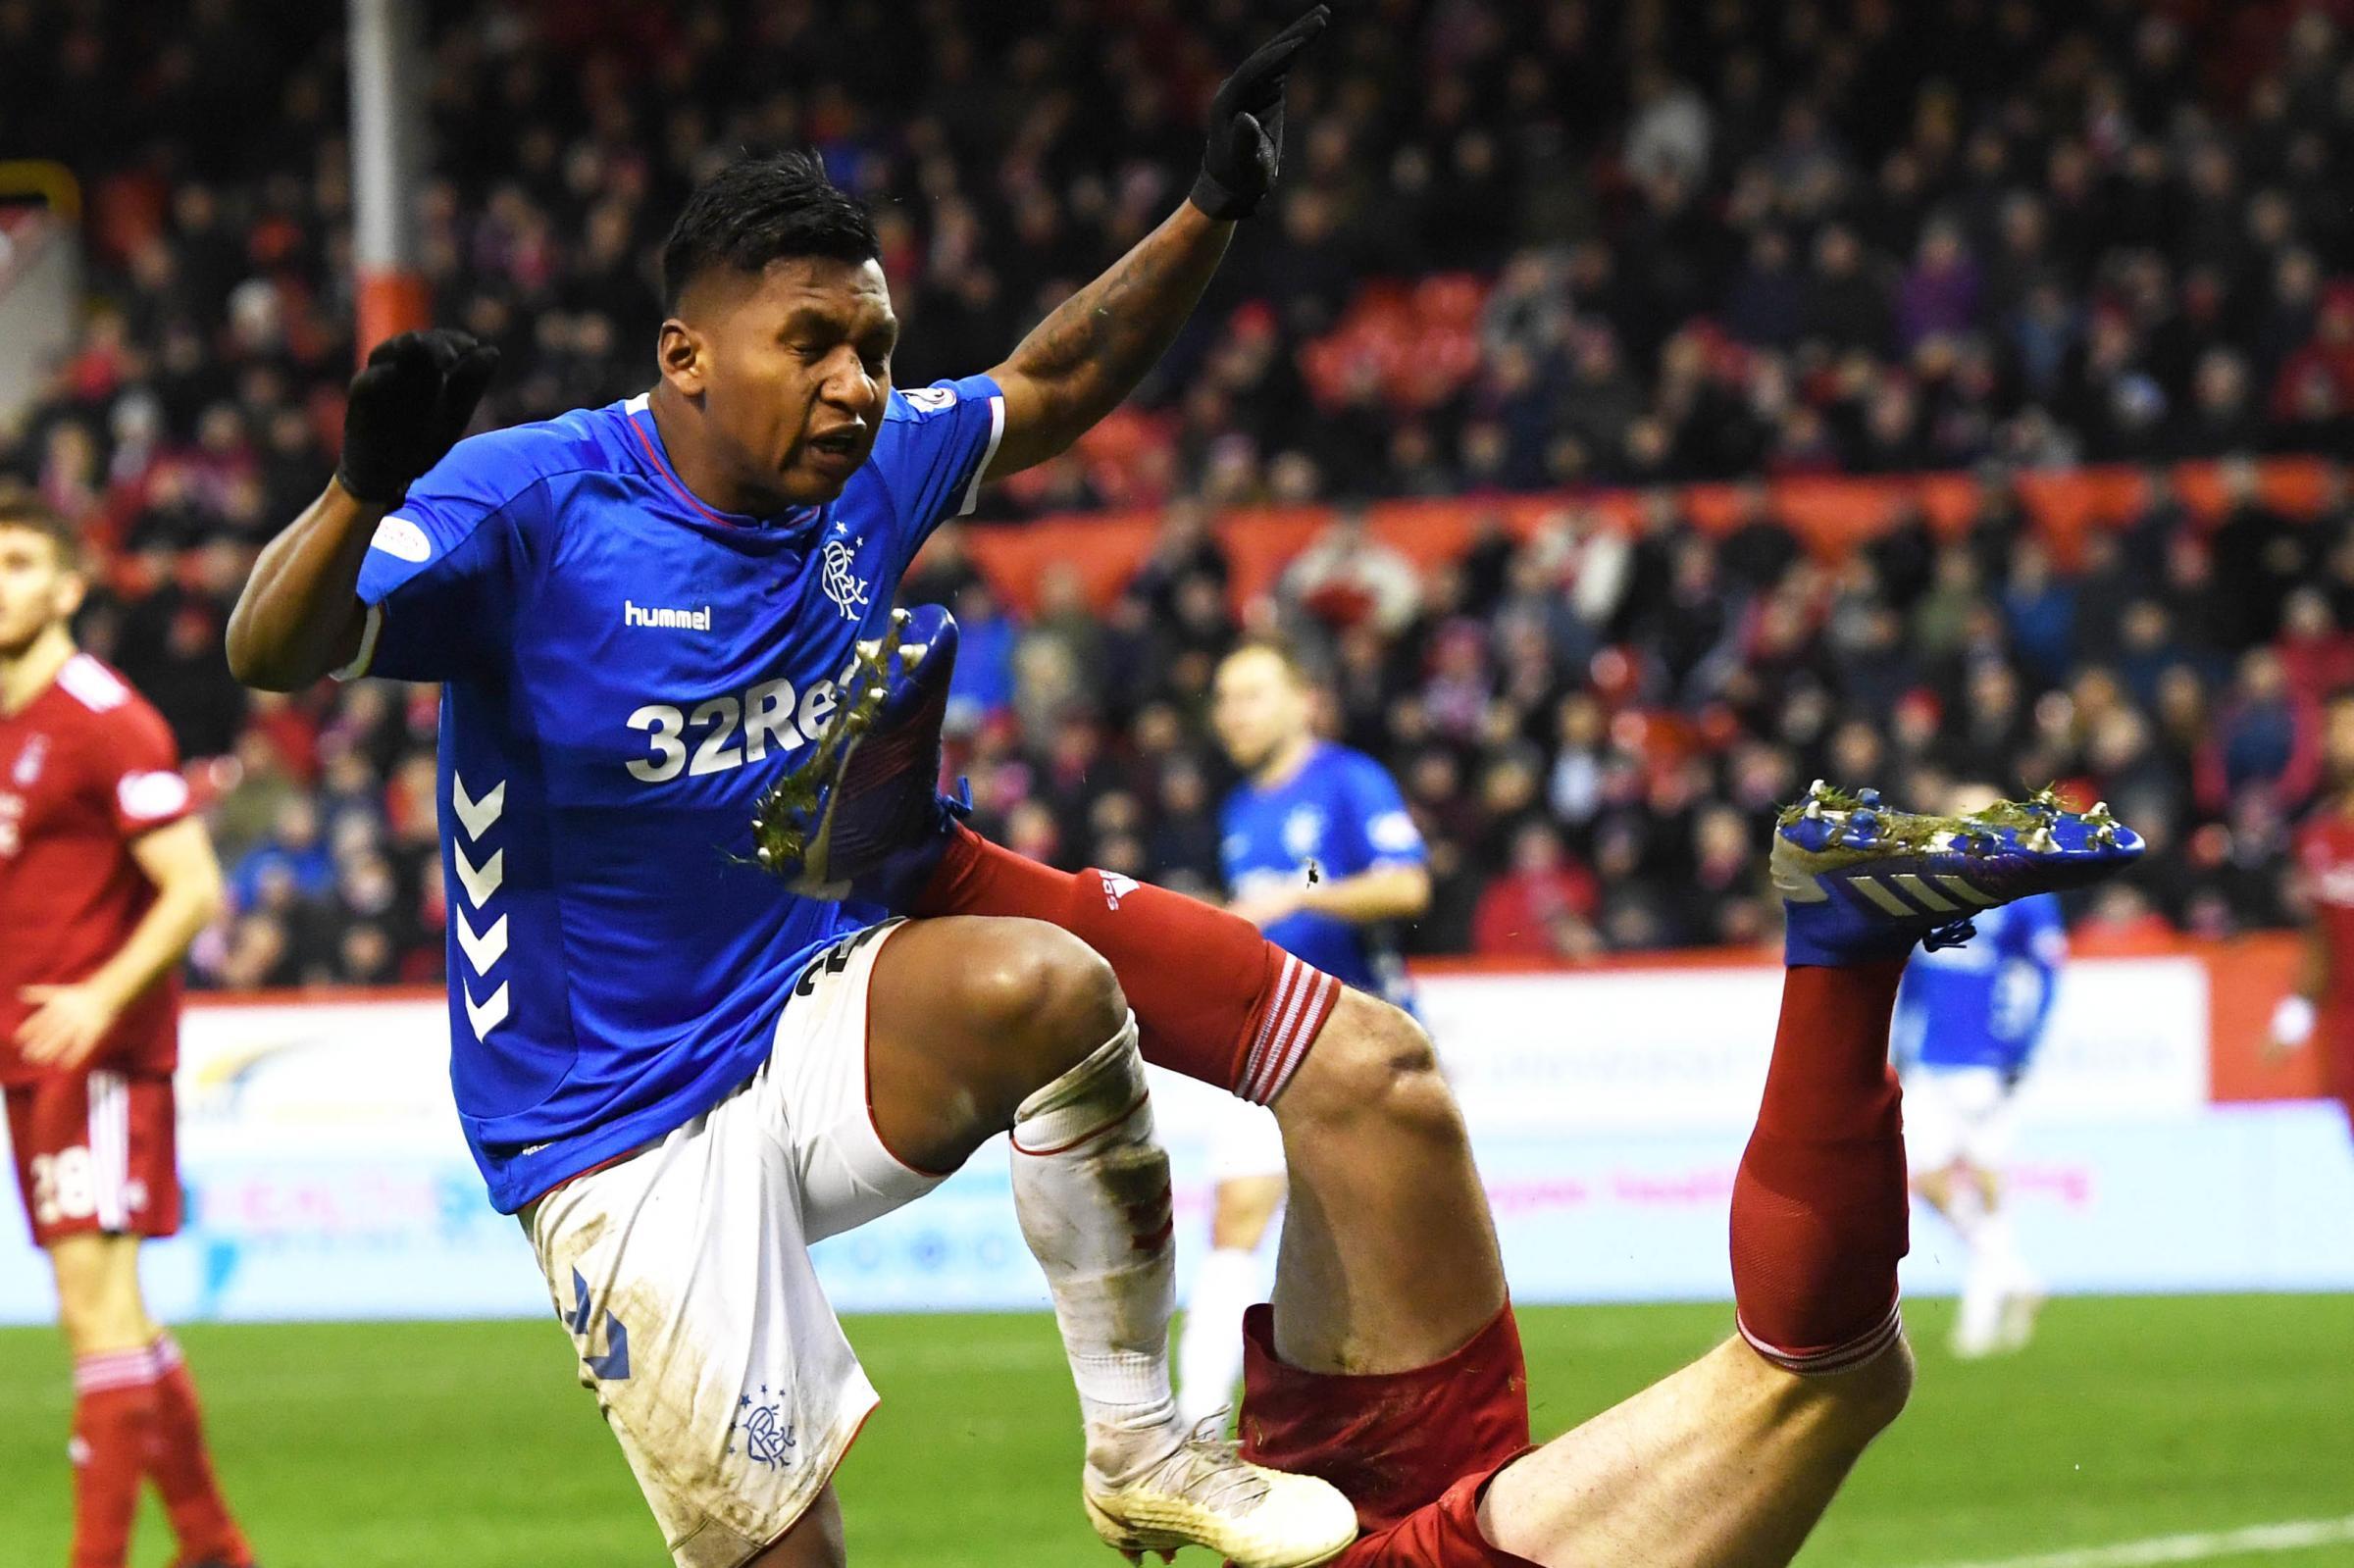 Rangers striker Alfredo Morelos loses red card appeal